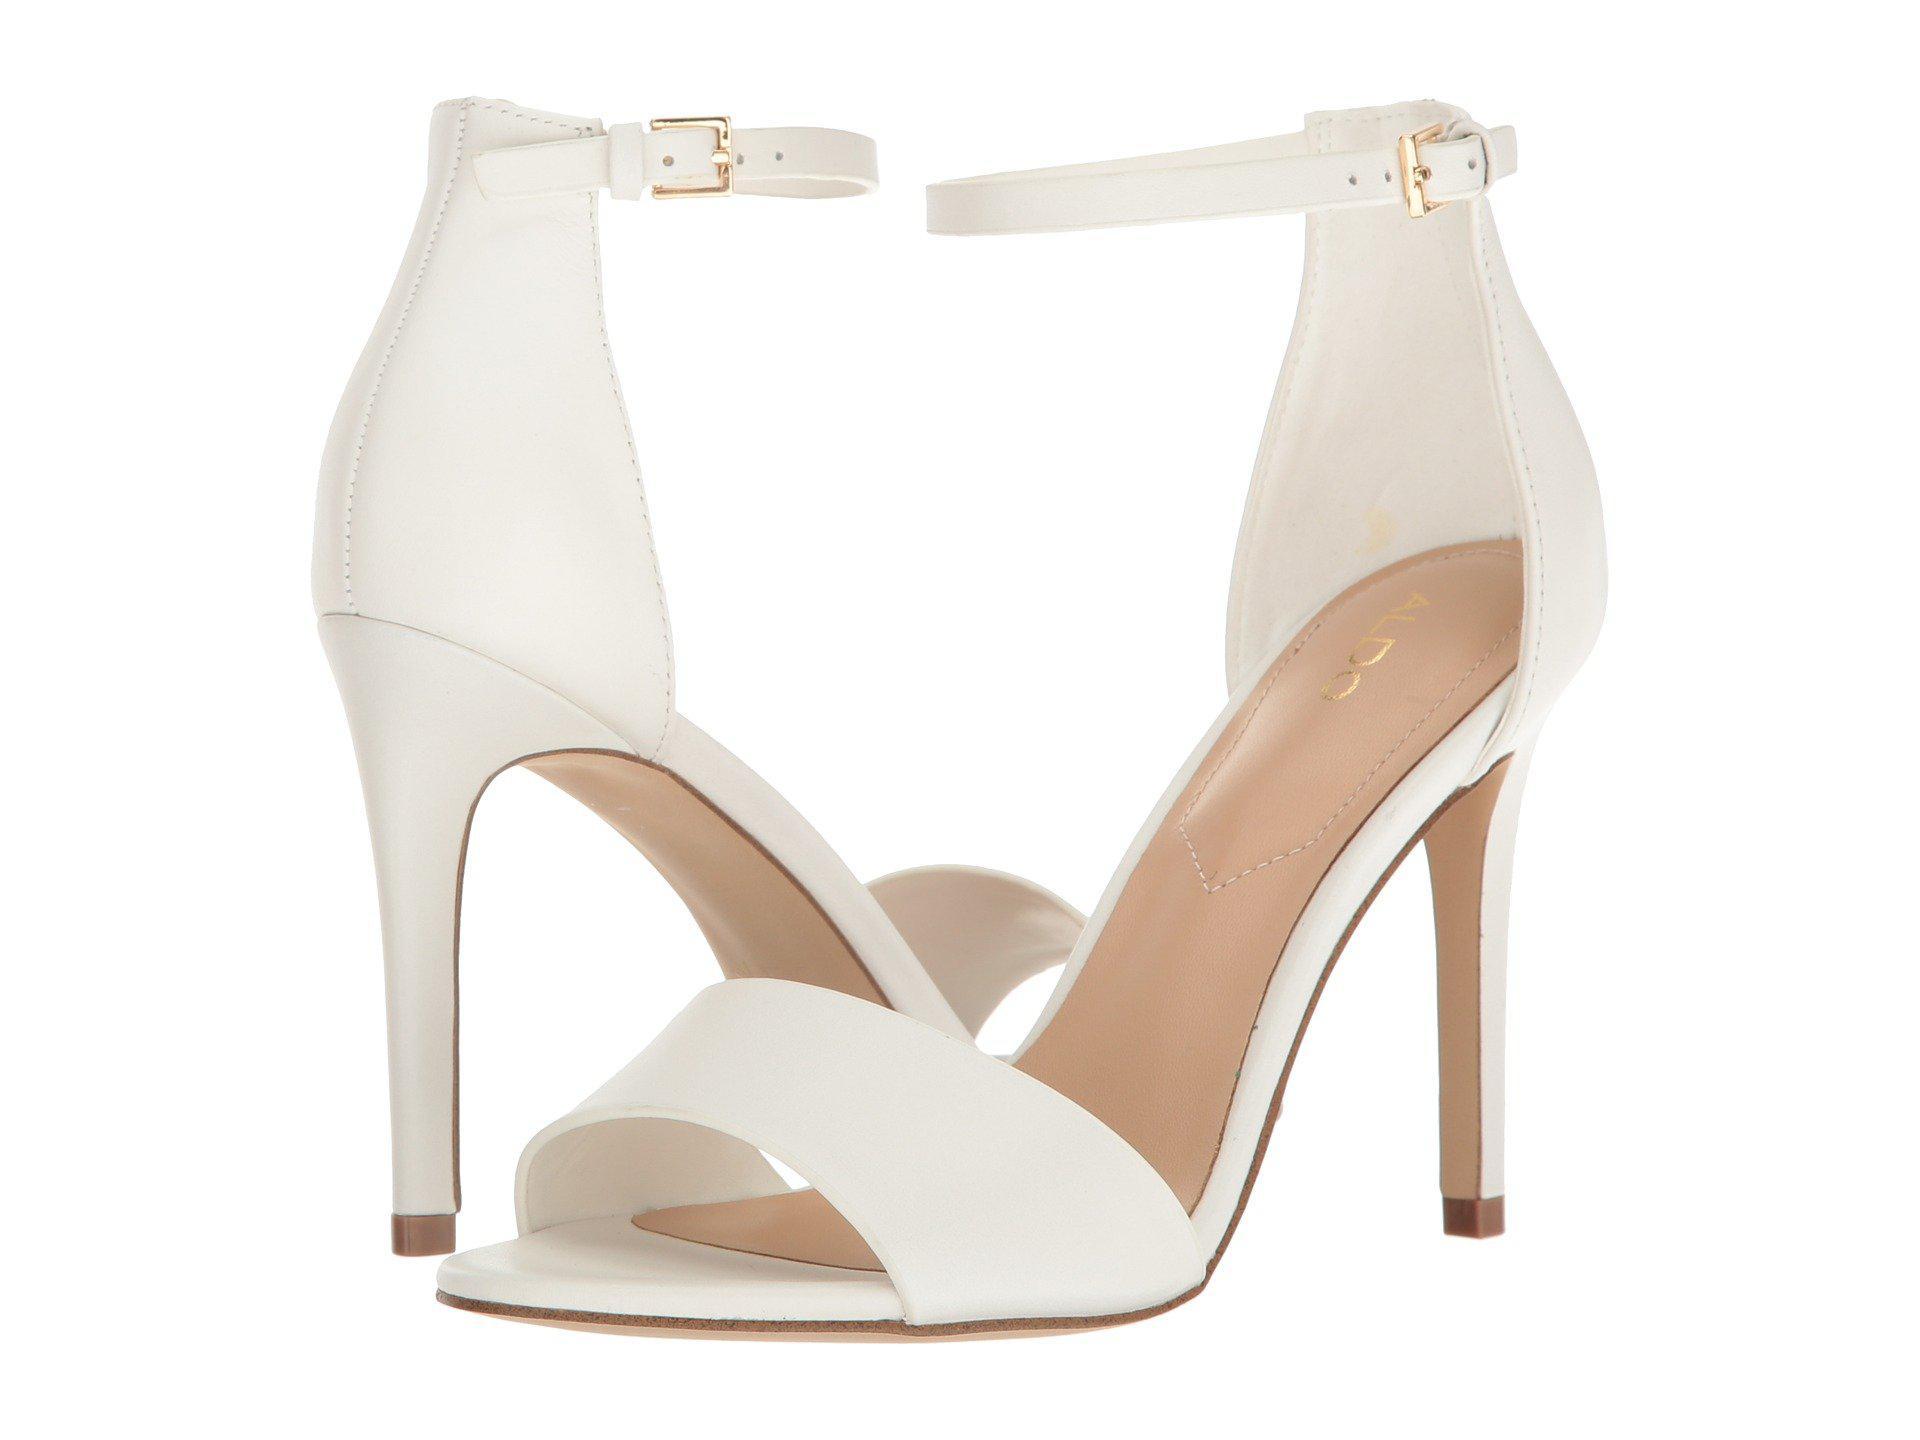 564689d66d2d Lyst - ALDO Fiolla Dress Sandal in White